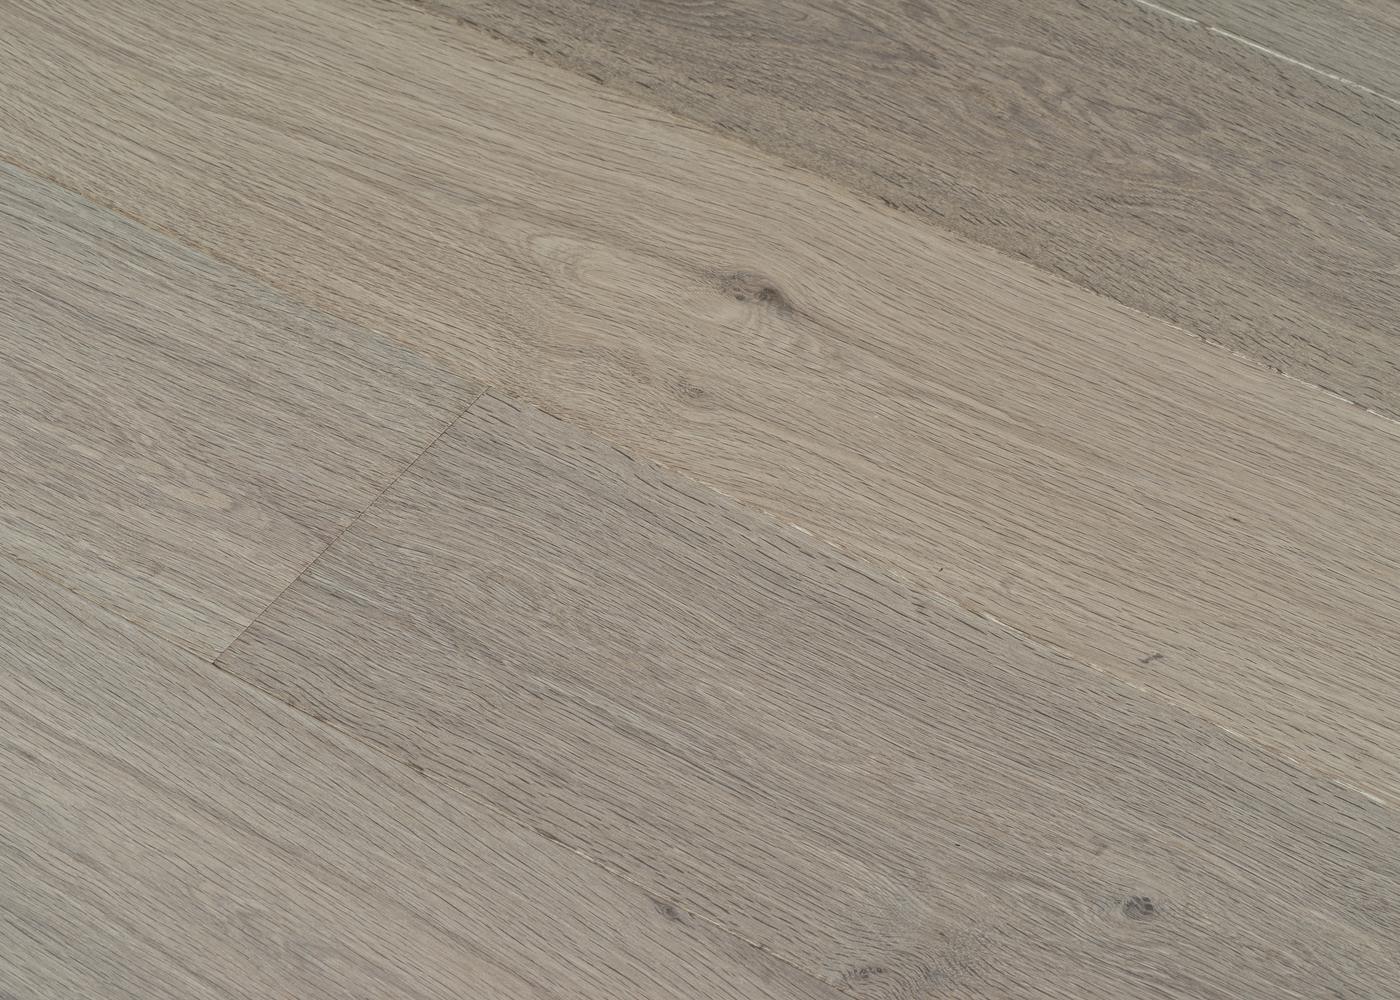 Parquet chêne contrecollé BALTIMORE vernis aqua ultra mat Mélange 50% PRBis, 50% Matière 12x160x1100-2200